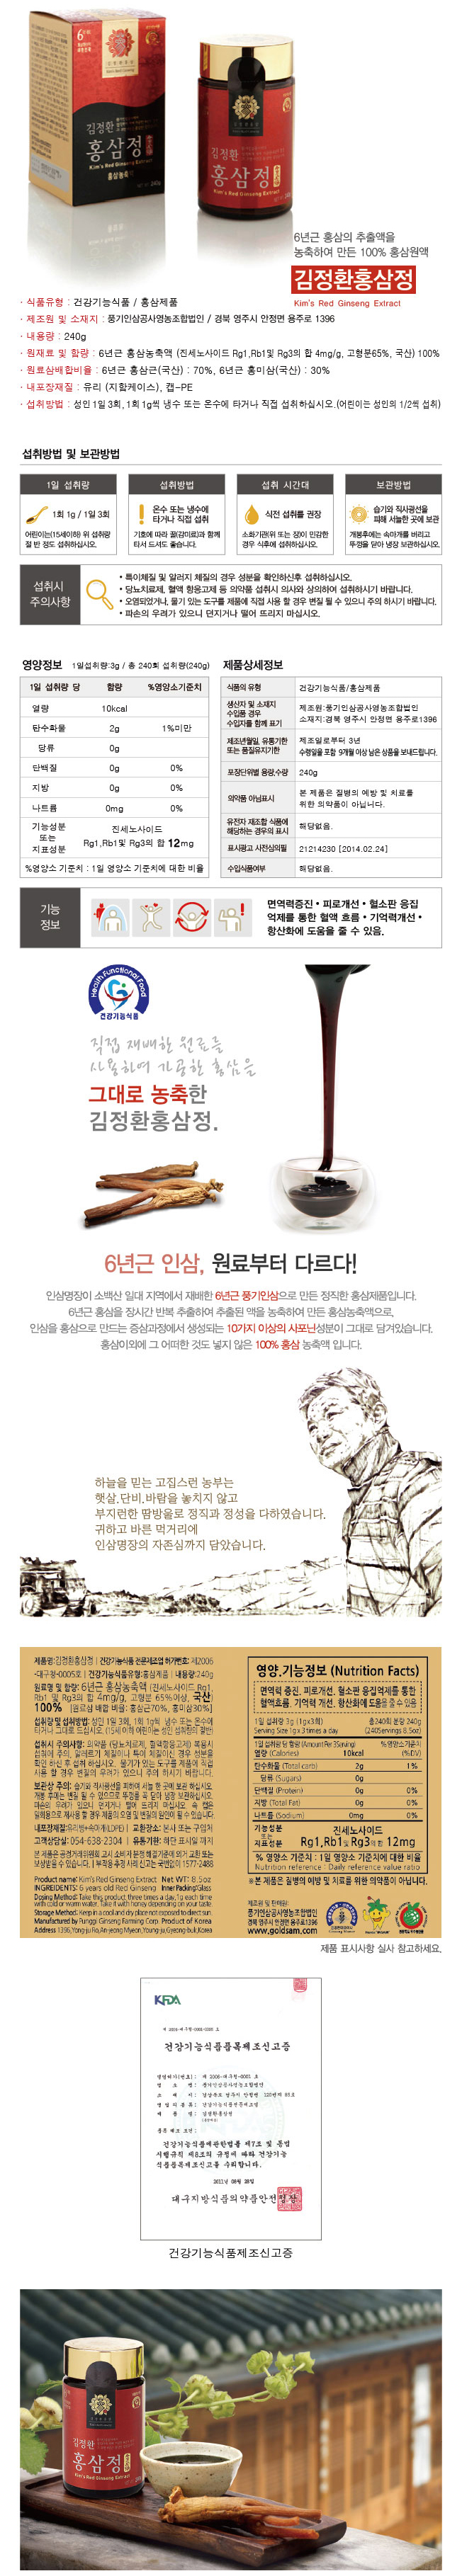 인삼명장 김정환 홍삼정 240g